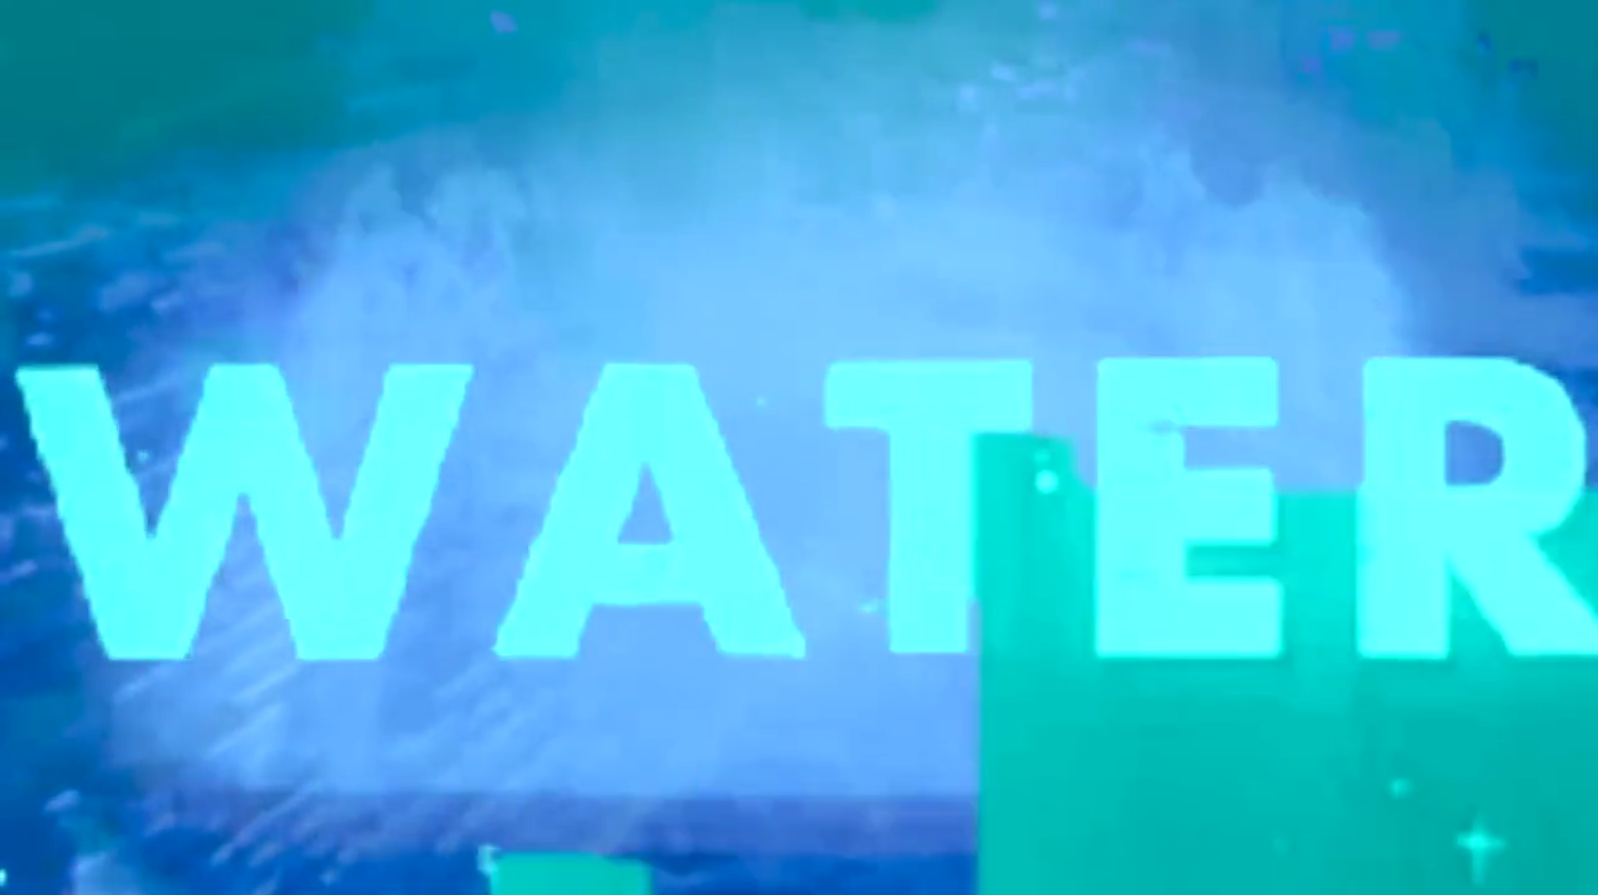 UVP_WaterWay_SqueakyWheel_WaterWater-2